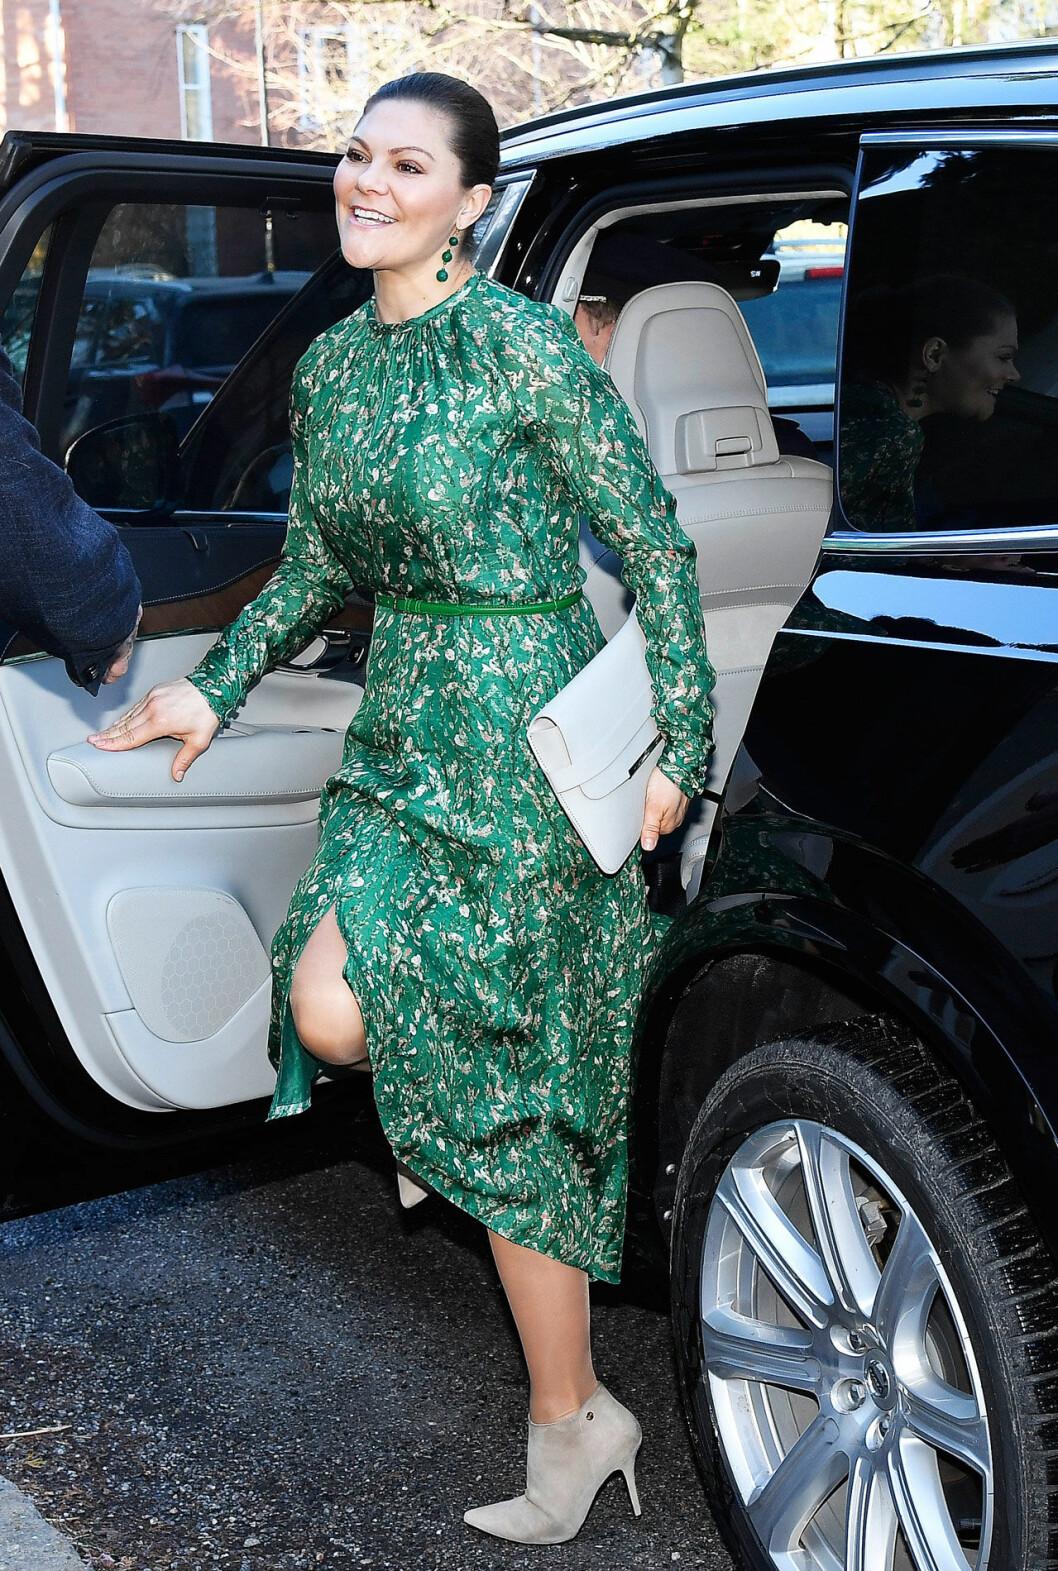 Kronprinsessan Victoria besöker SIPRI, klädd i grön klänning från H&M.